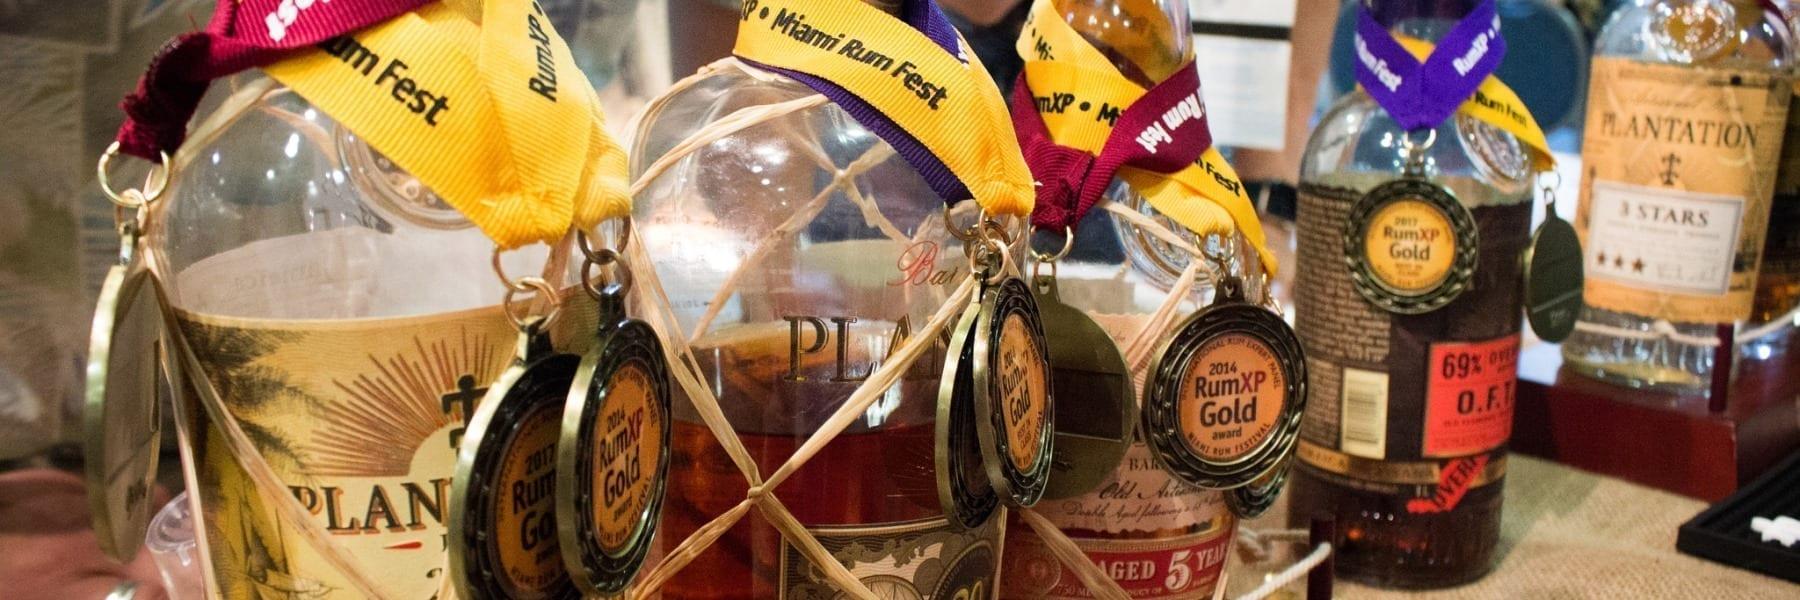 10th Annual Rum Renaissance Festival Announced